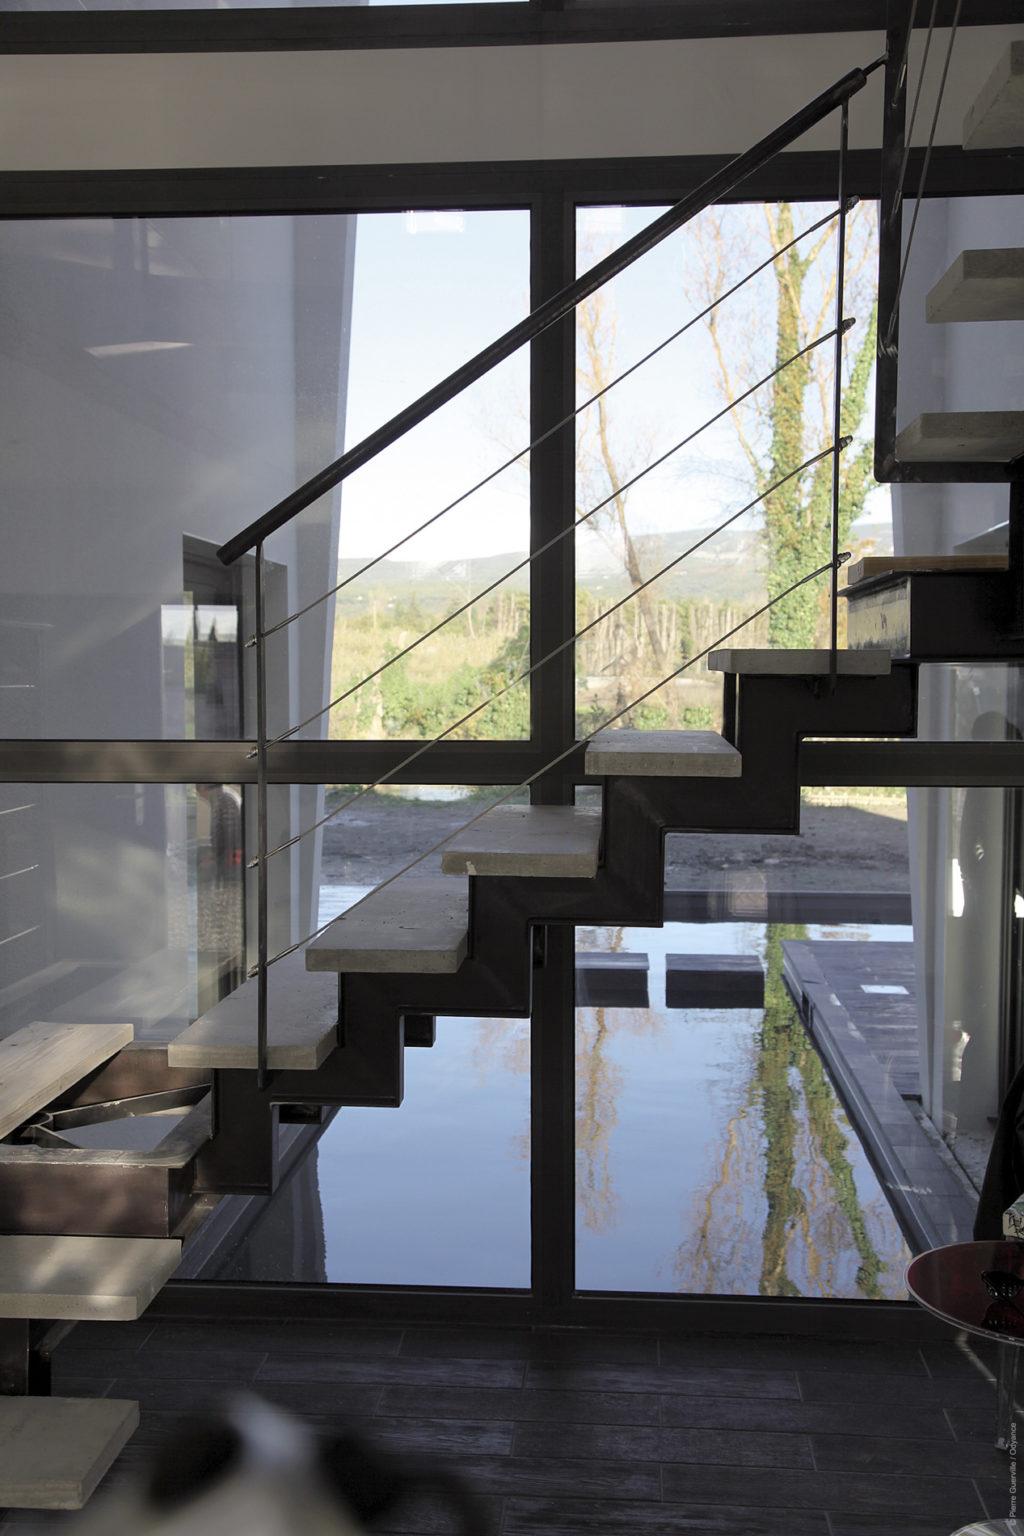 Villa-contemporaine-bateau-ivre-lisle-sur-la-sorgue-8124